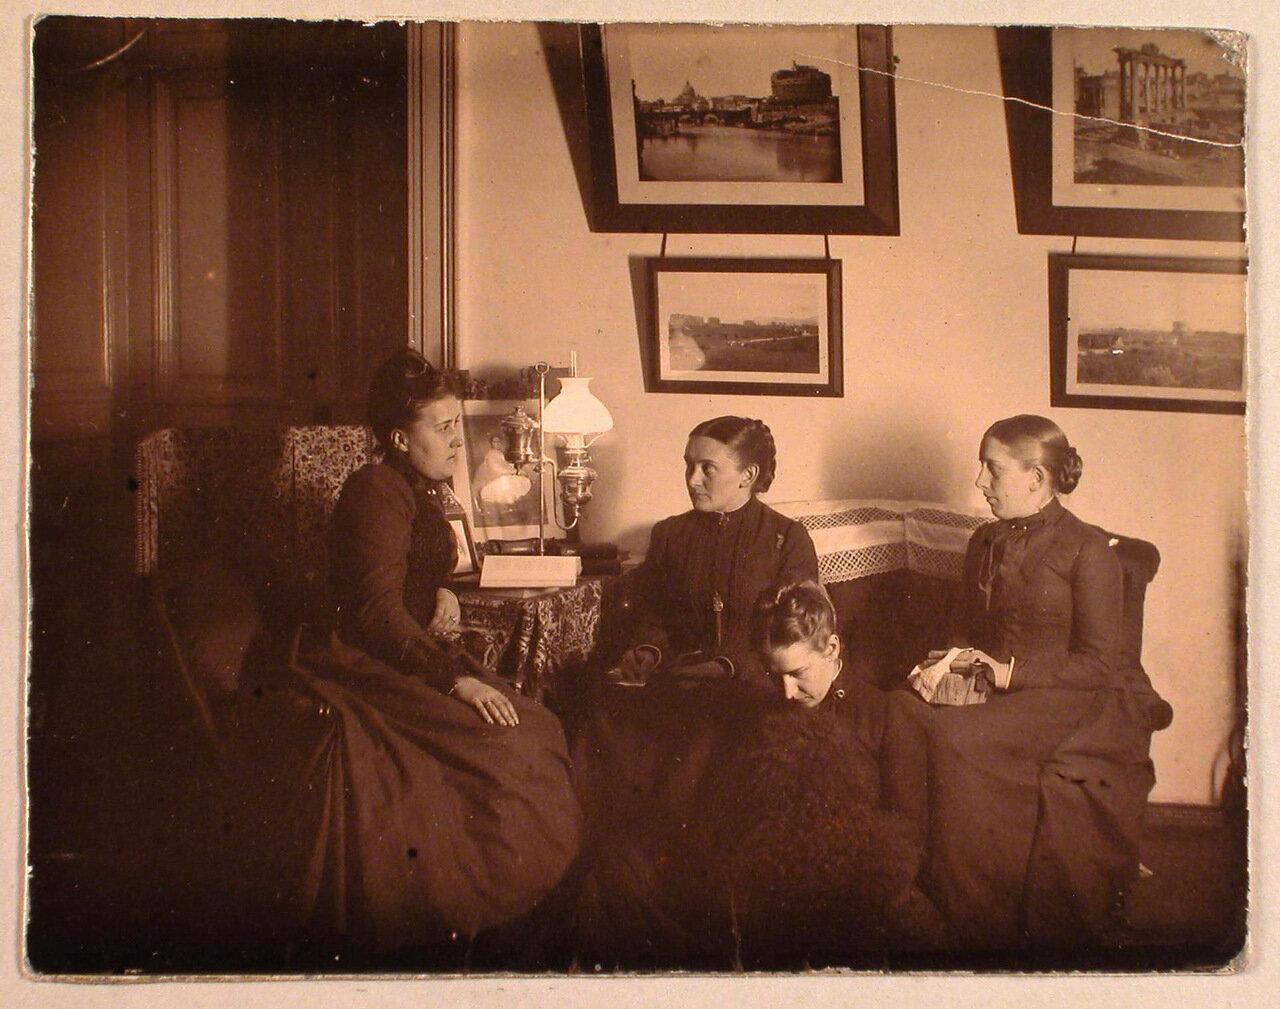 59. Сестры Николаи в гостиной усадебного дома; Мария Николаевна (сидит на диване в центре), Александра Николаевна (справа); у их ног сидит Софья Николаевна. Середина 1890-х